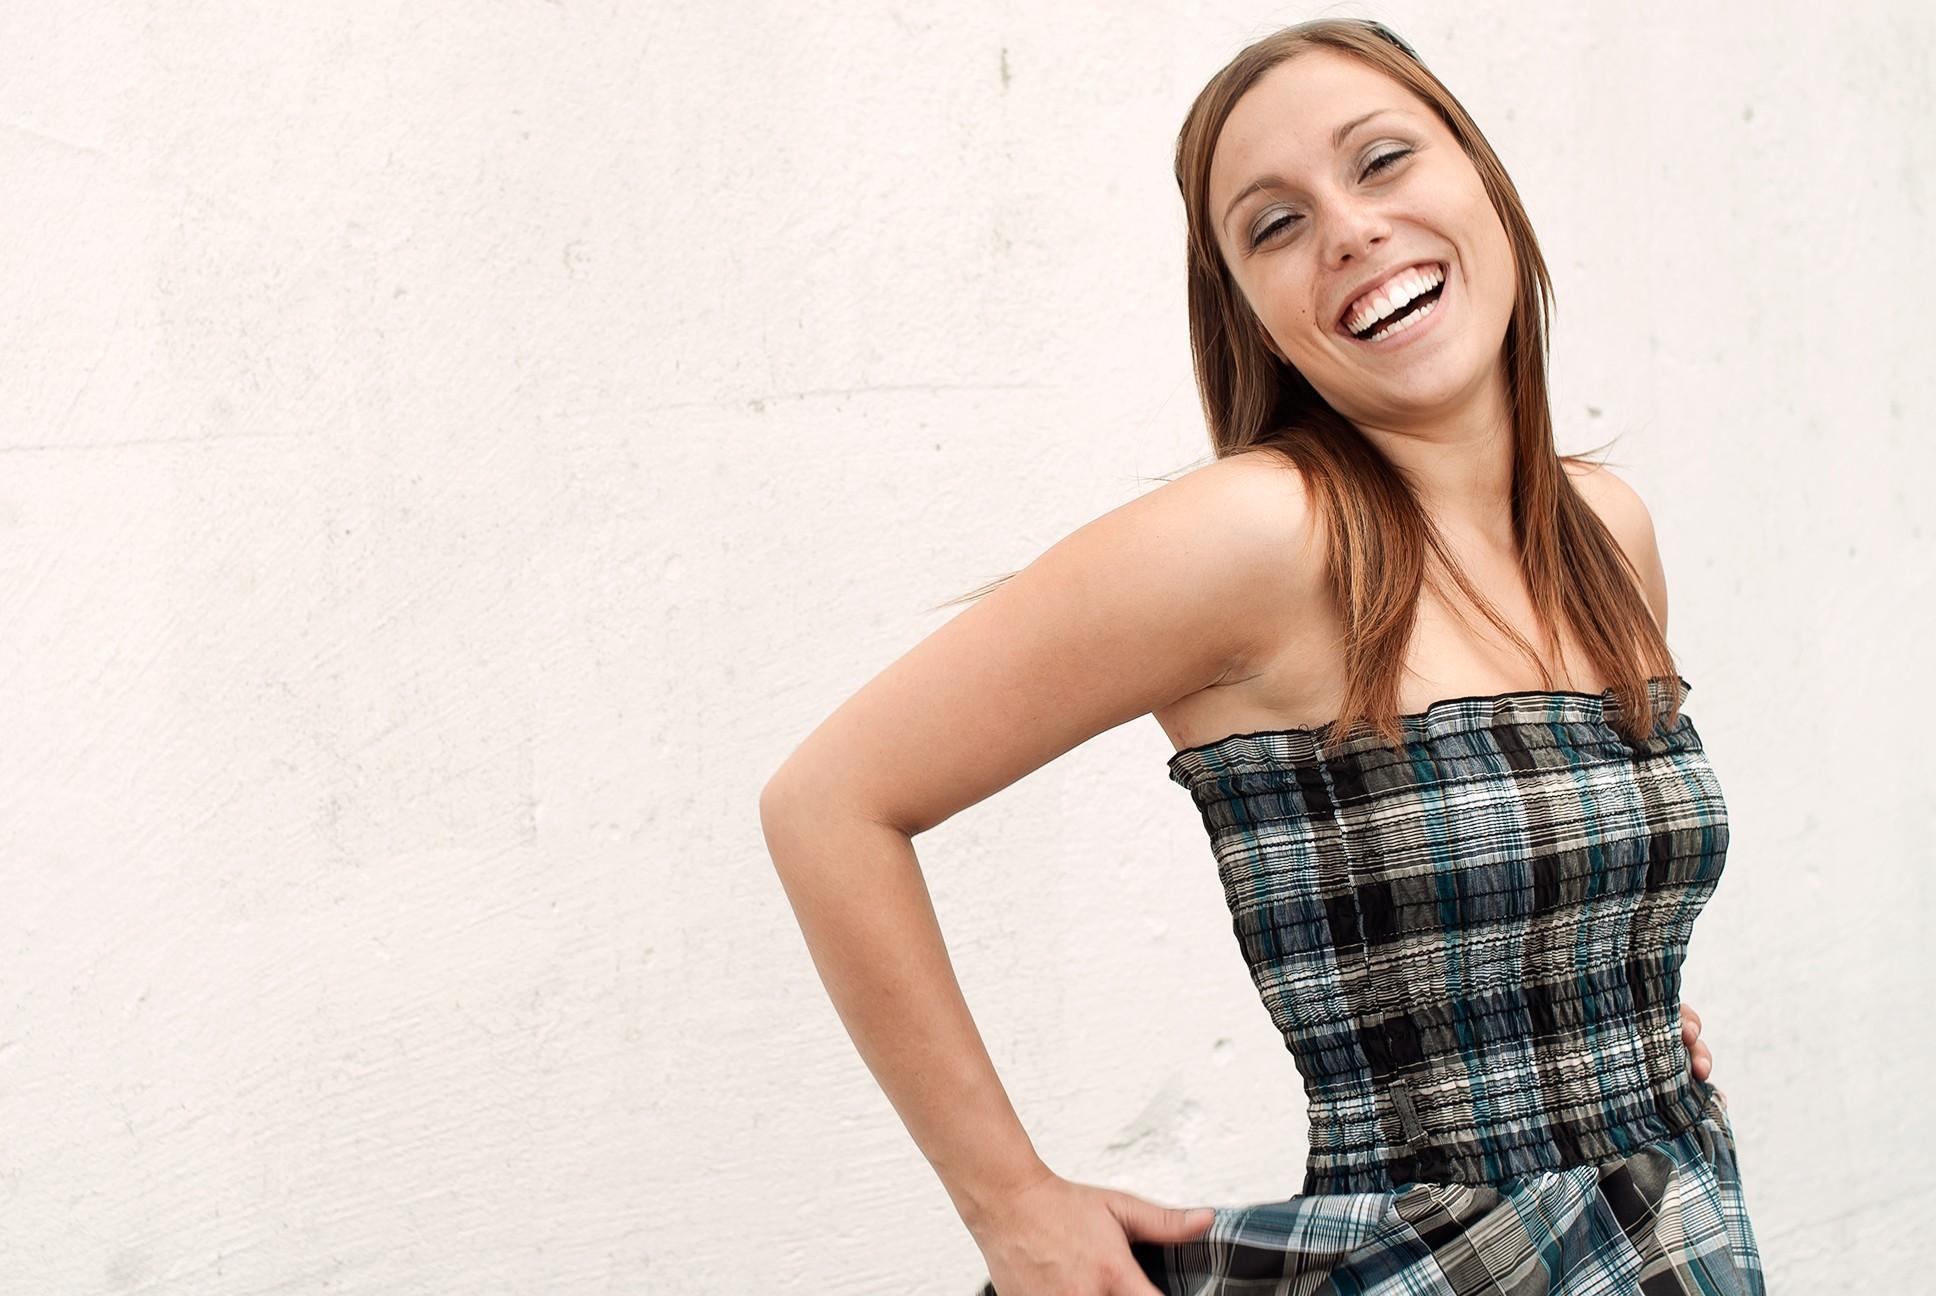 Photo naturelle d'une jeune femme rigolant devant un mur blanc / Portrait en lumière ambiante